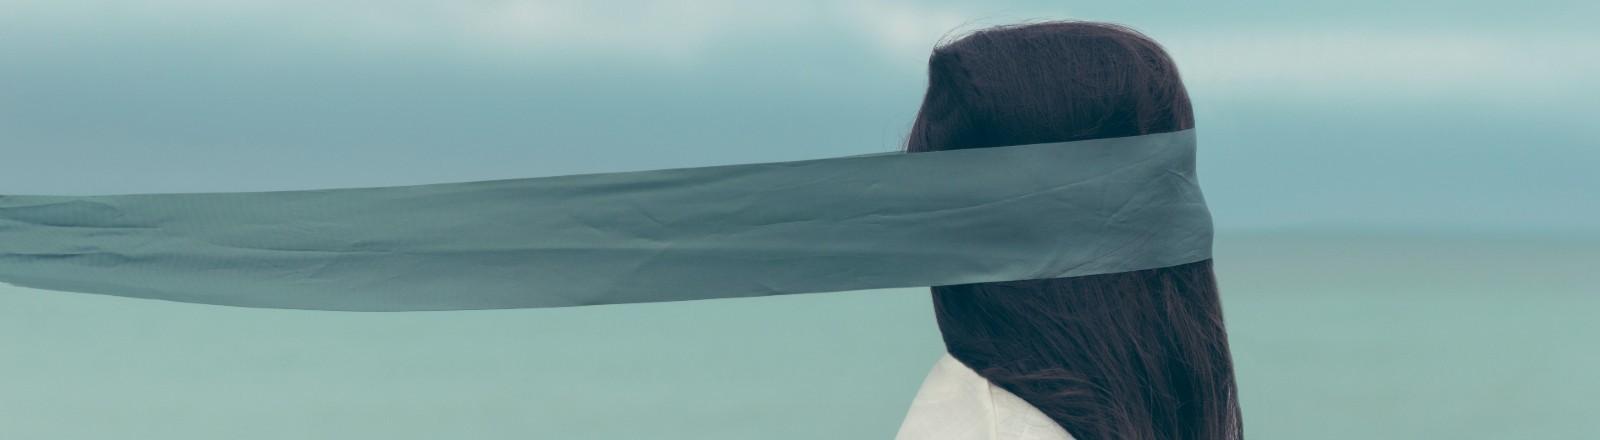 Frau mit Augenbinde am Strand.